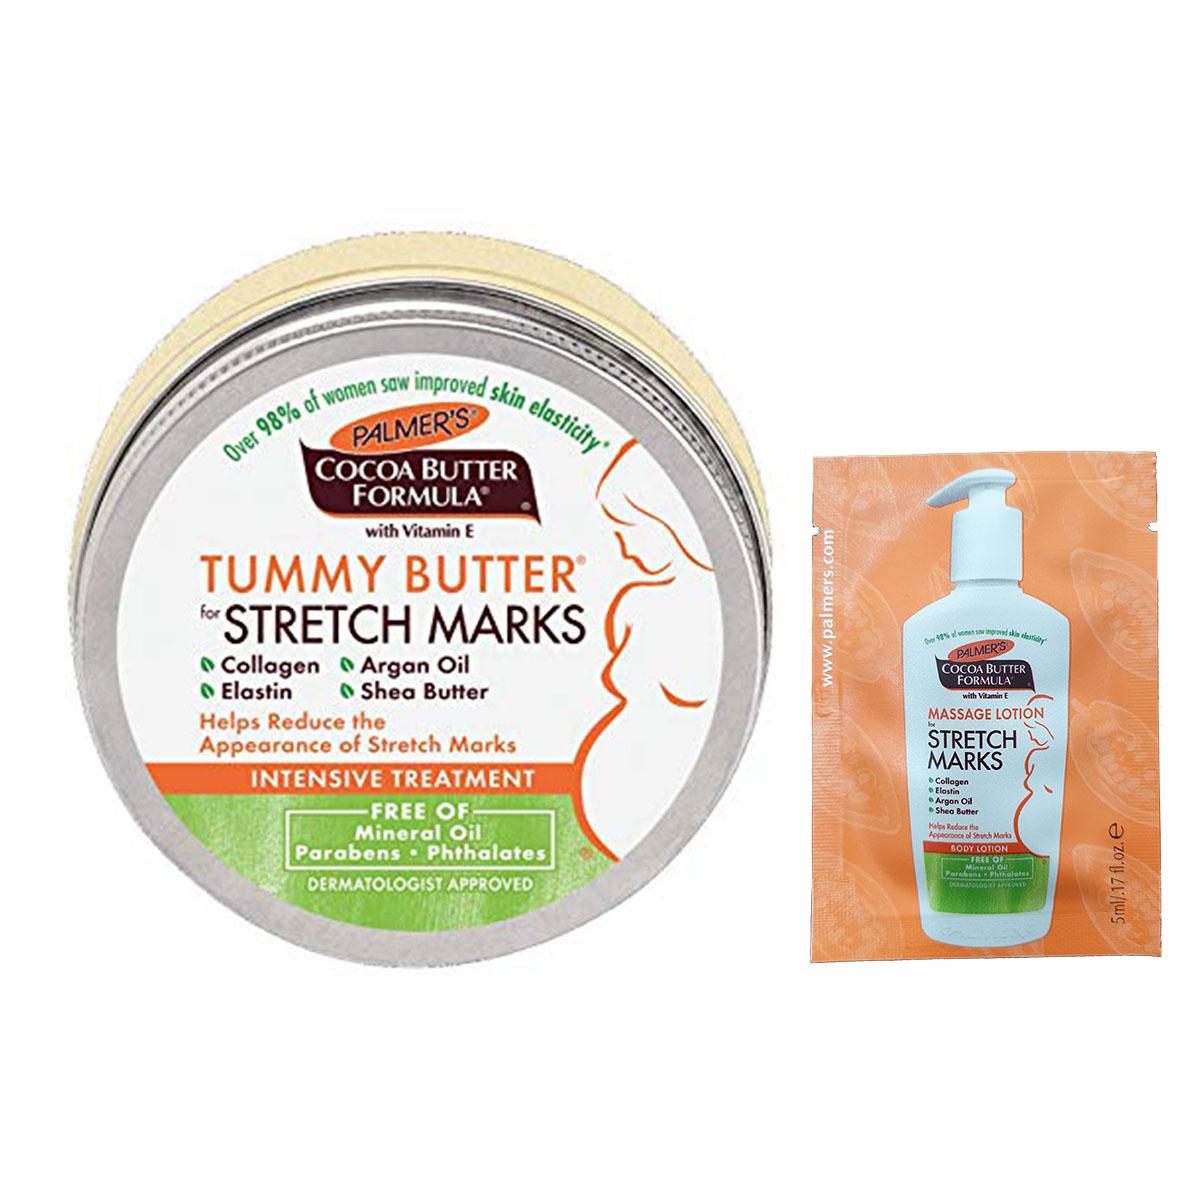 Bơ đậm đặc ngăn ngừa rạn da từ tháng 7 đến cuối thai kỳ và sau sinh Palmer's Cococa Butter Tummy Butter Stretch Marks 125g + Tặng Lotion rạn dạ Palmer's 5ml